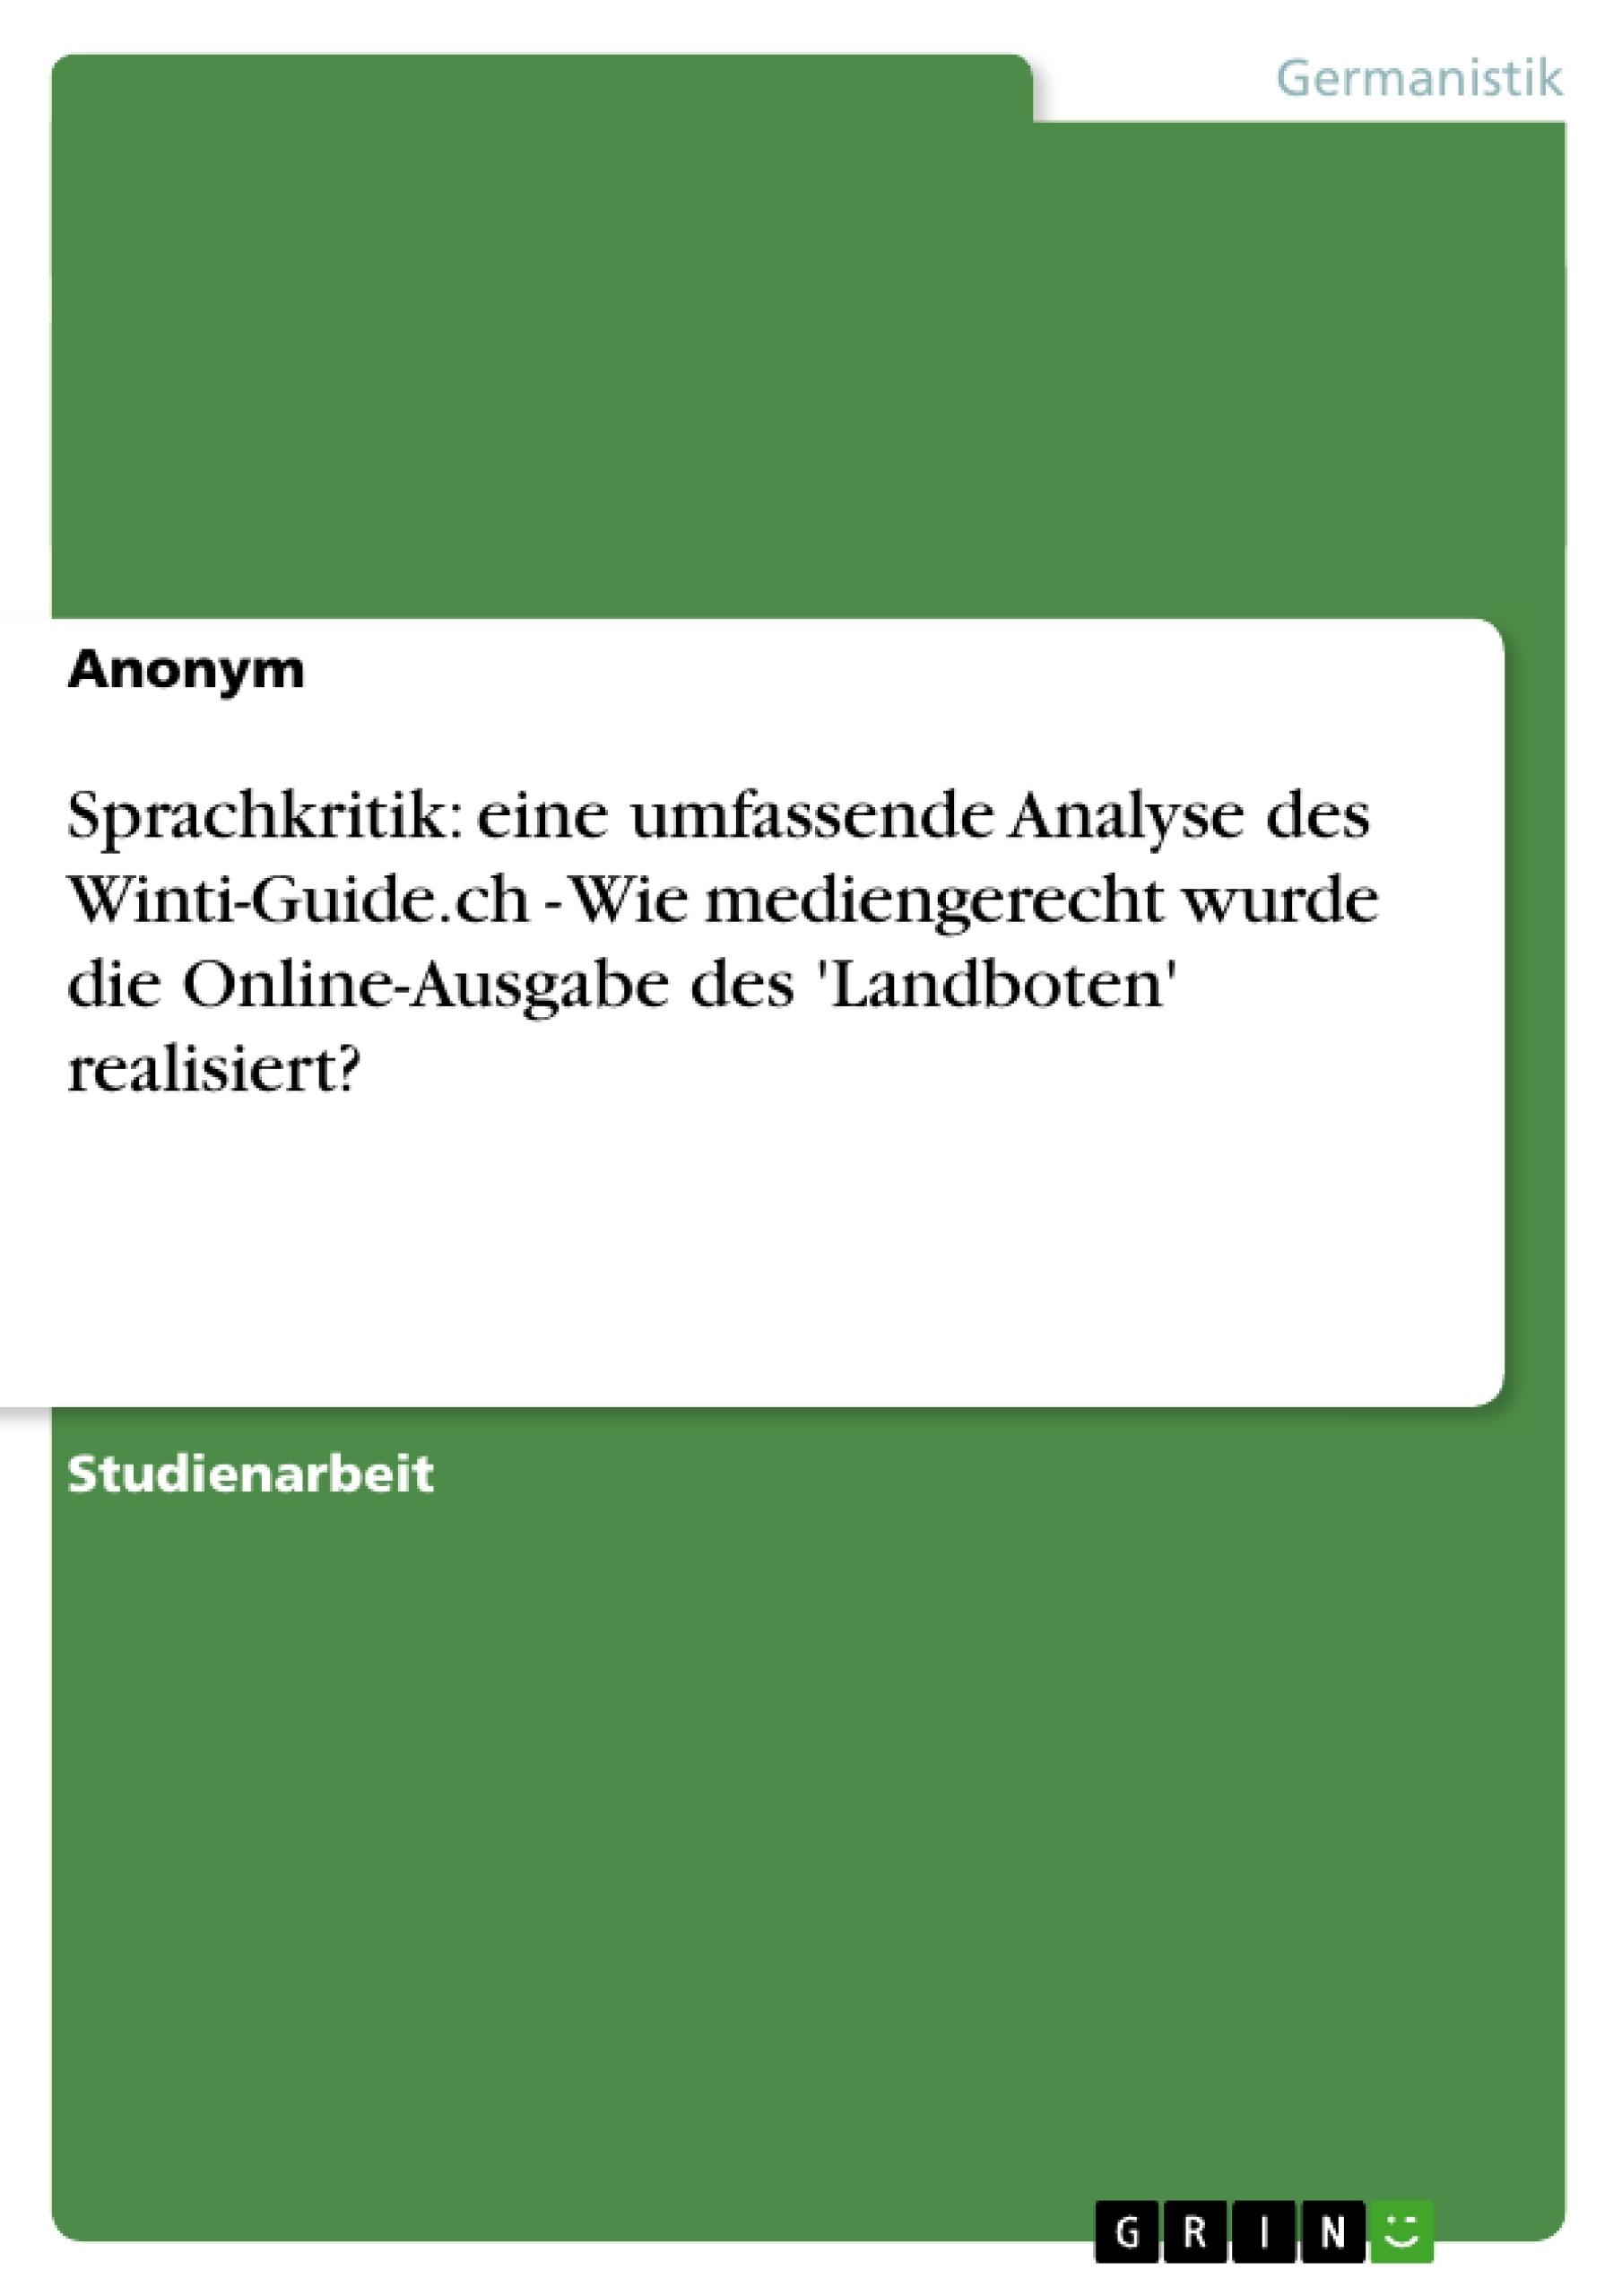 Titel: Sprachkritik: eine umfassende Analyse des Winti-Guide.ch - Wie mediengerecht wurde die Online-Ausgabe des 'Landboten' realisiert?